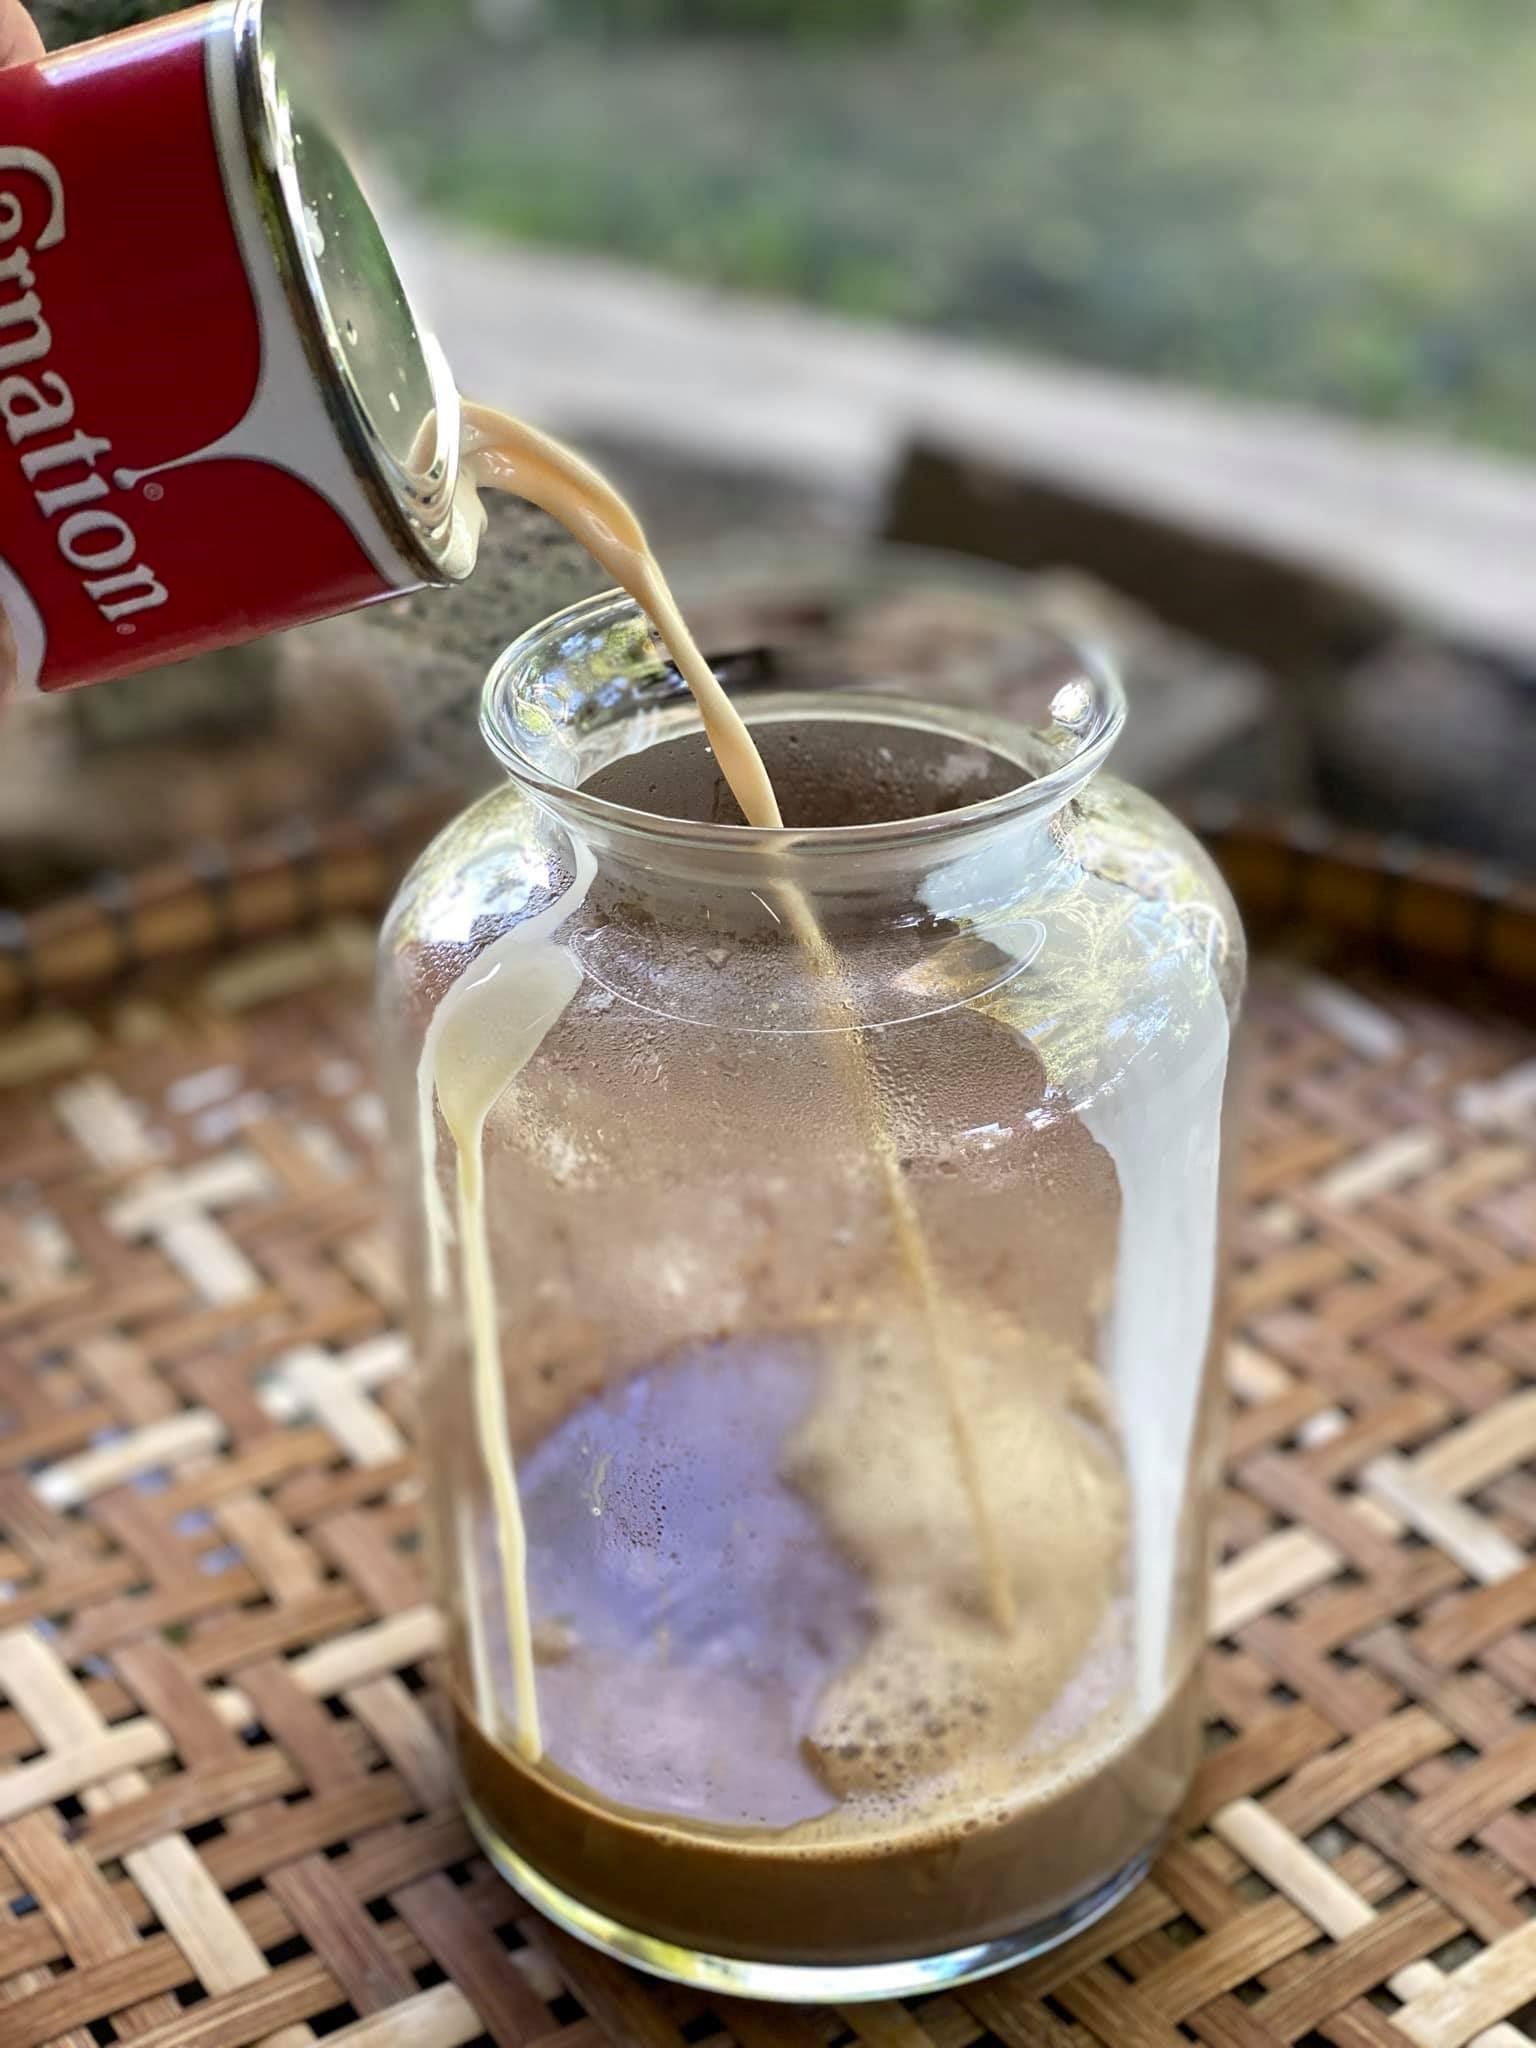 sekali minum memang akan nak lagi! cara buat kopi ais paling kaw!